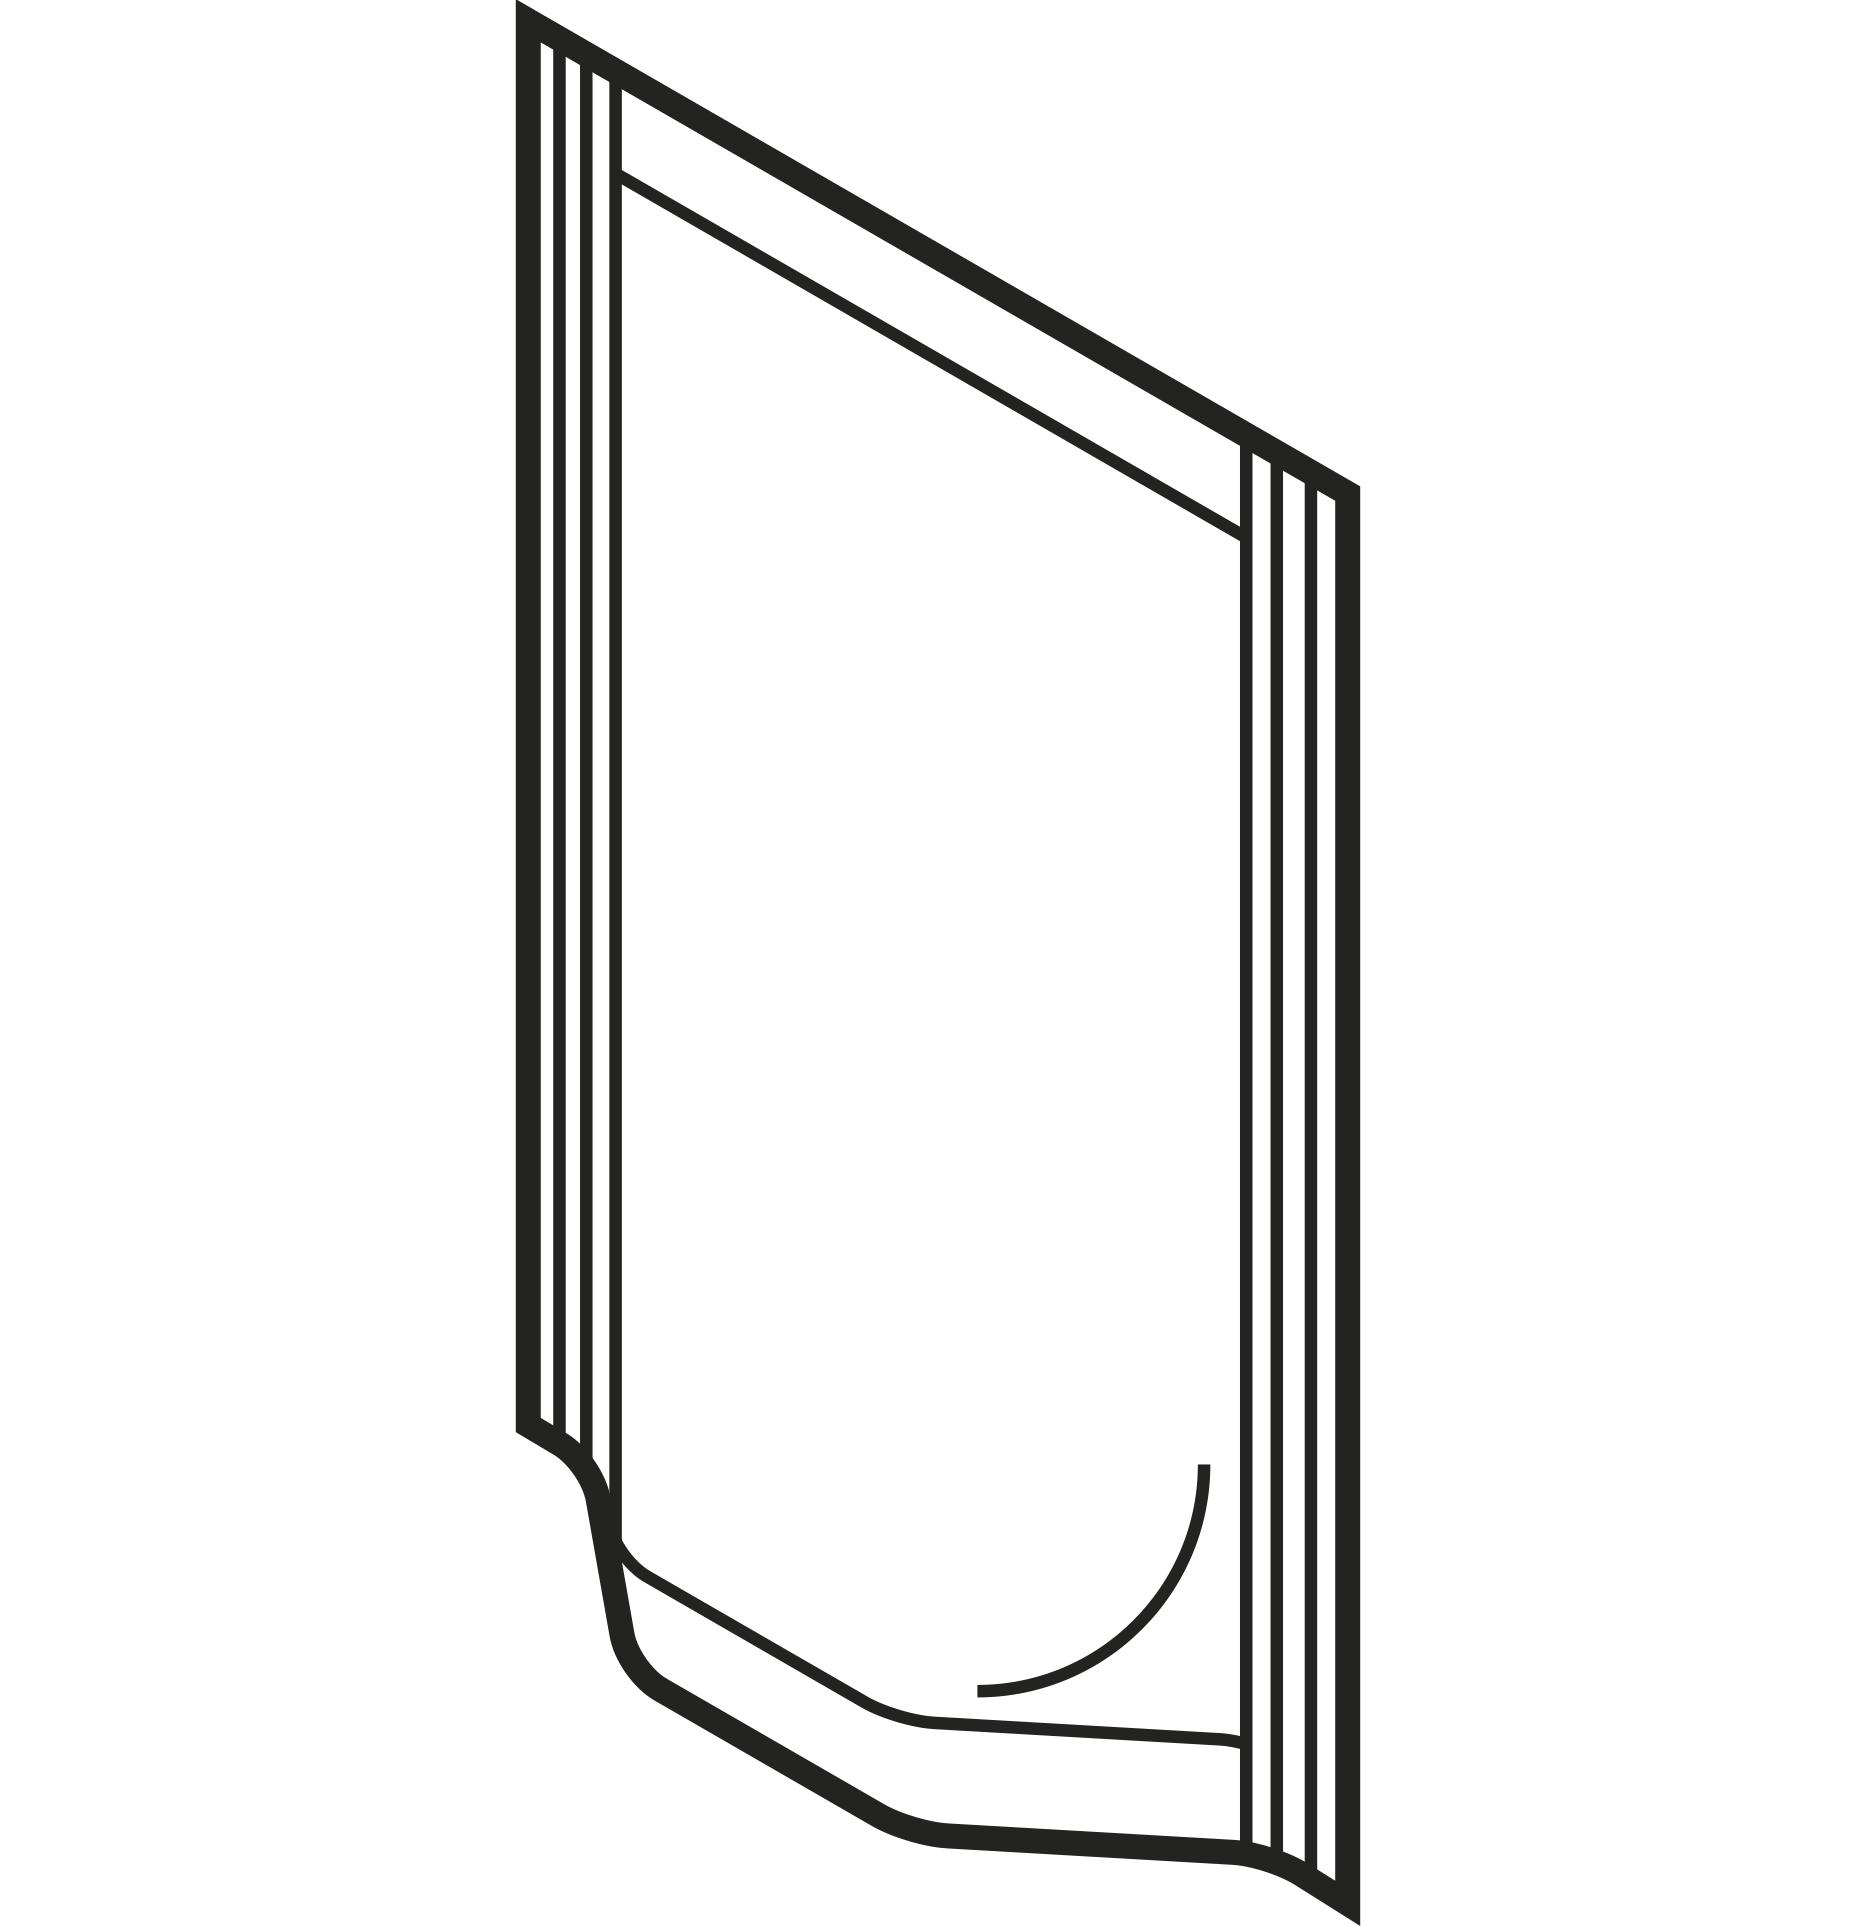 Viking-Masek-Doy-Style-Bag-for-Packaging.png